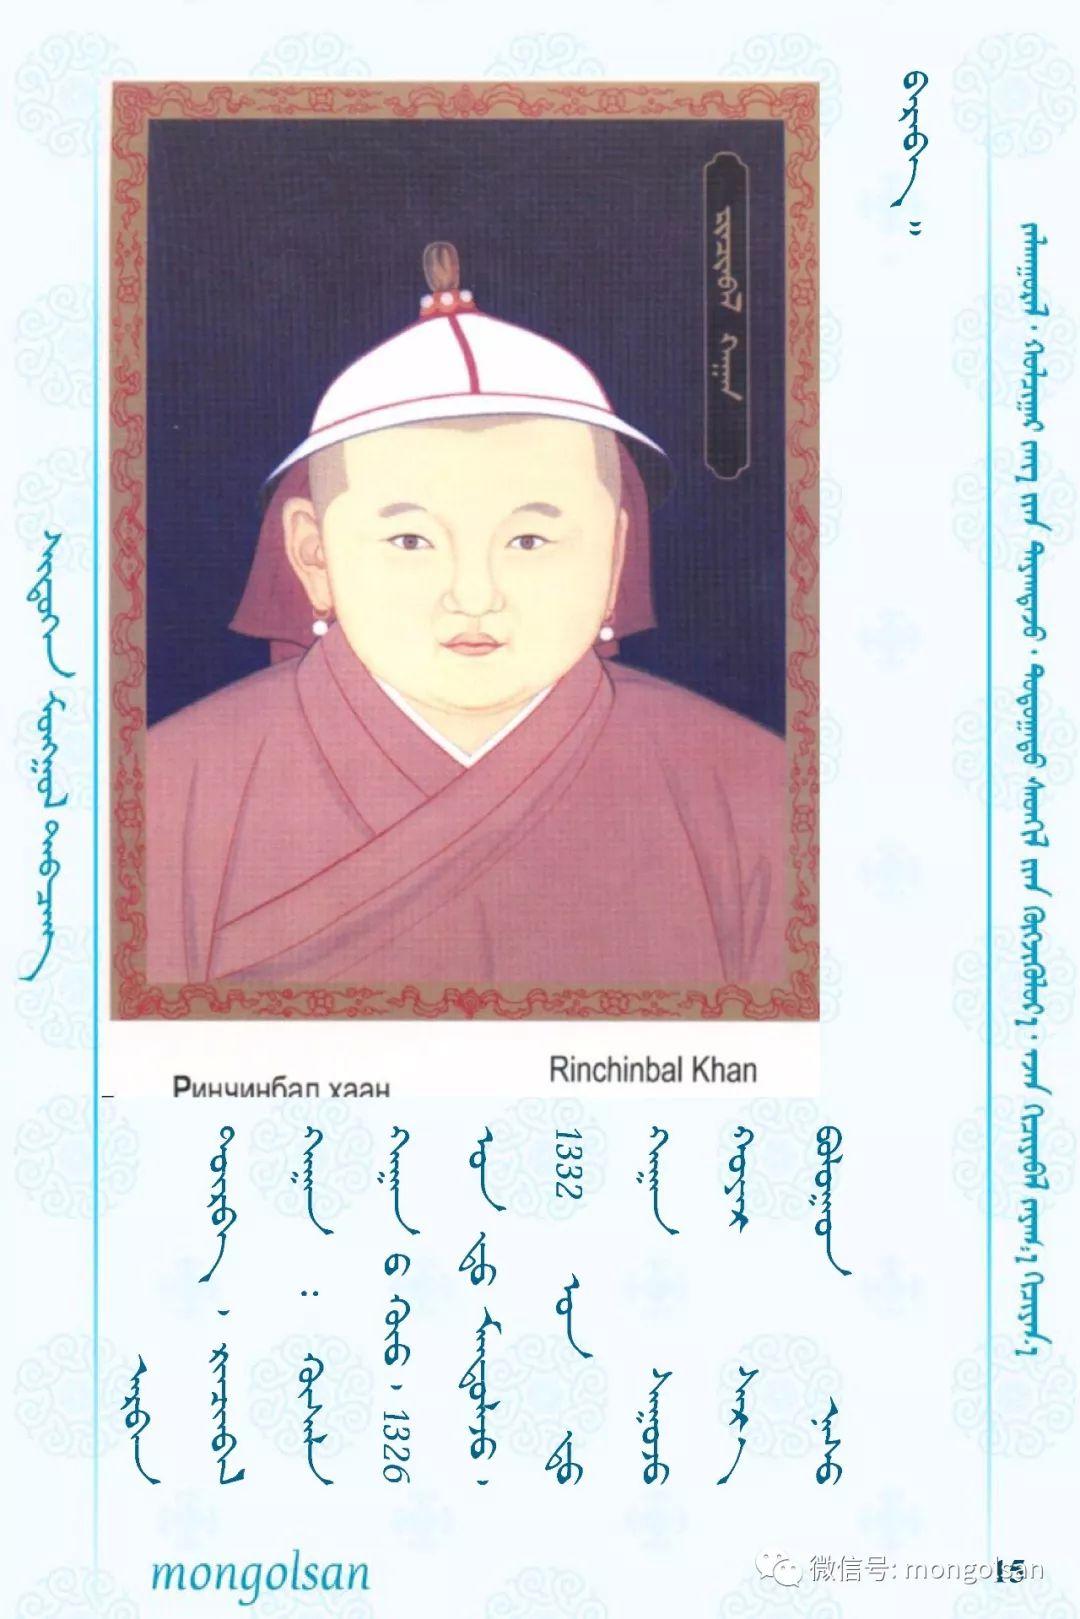 【关注】蒙古皇帝列表 第15张